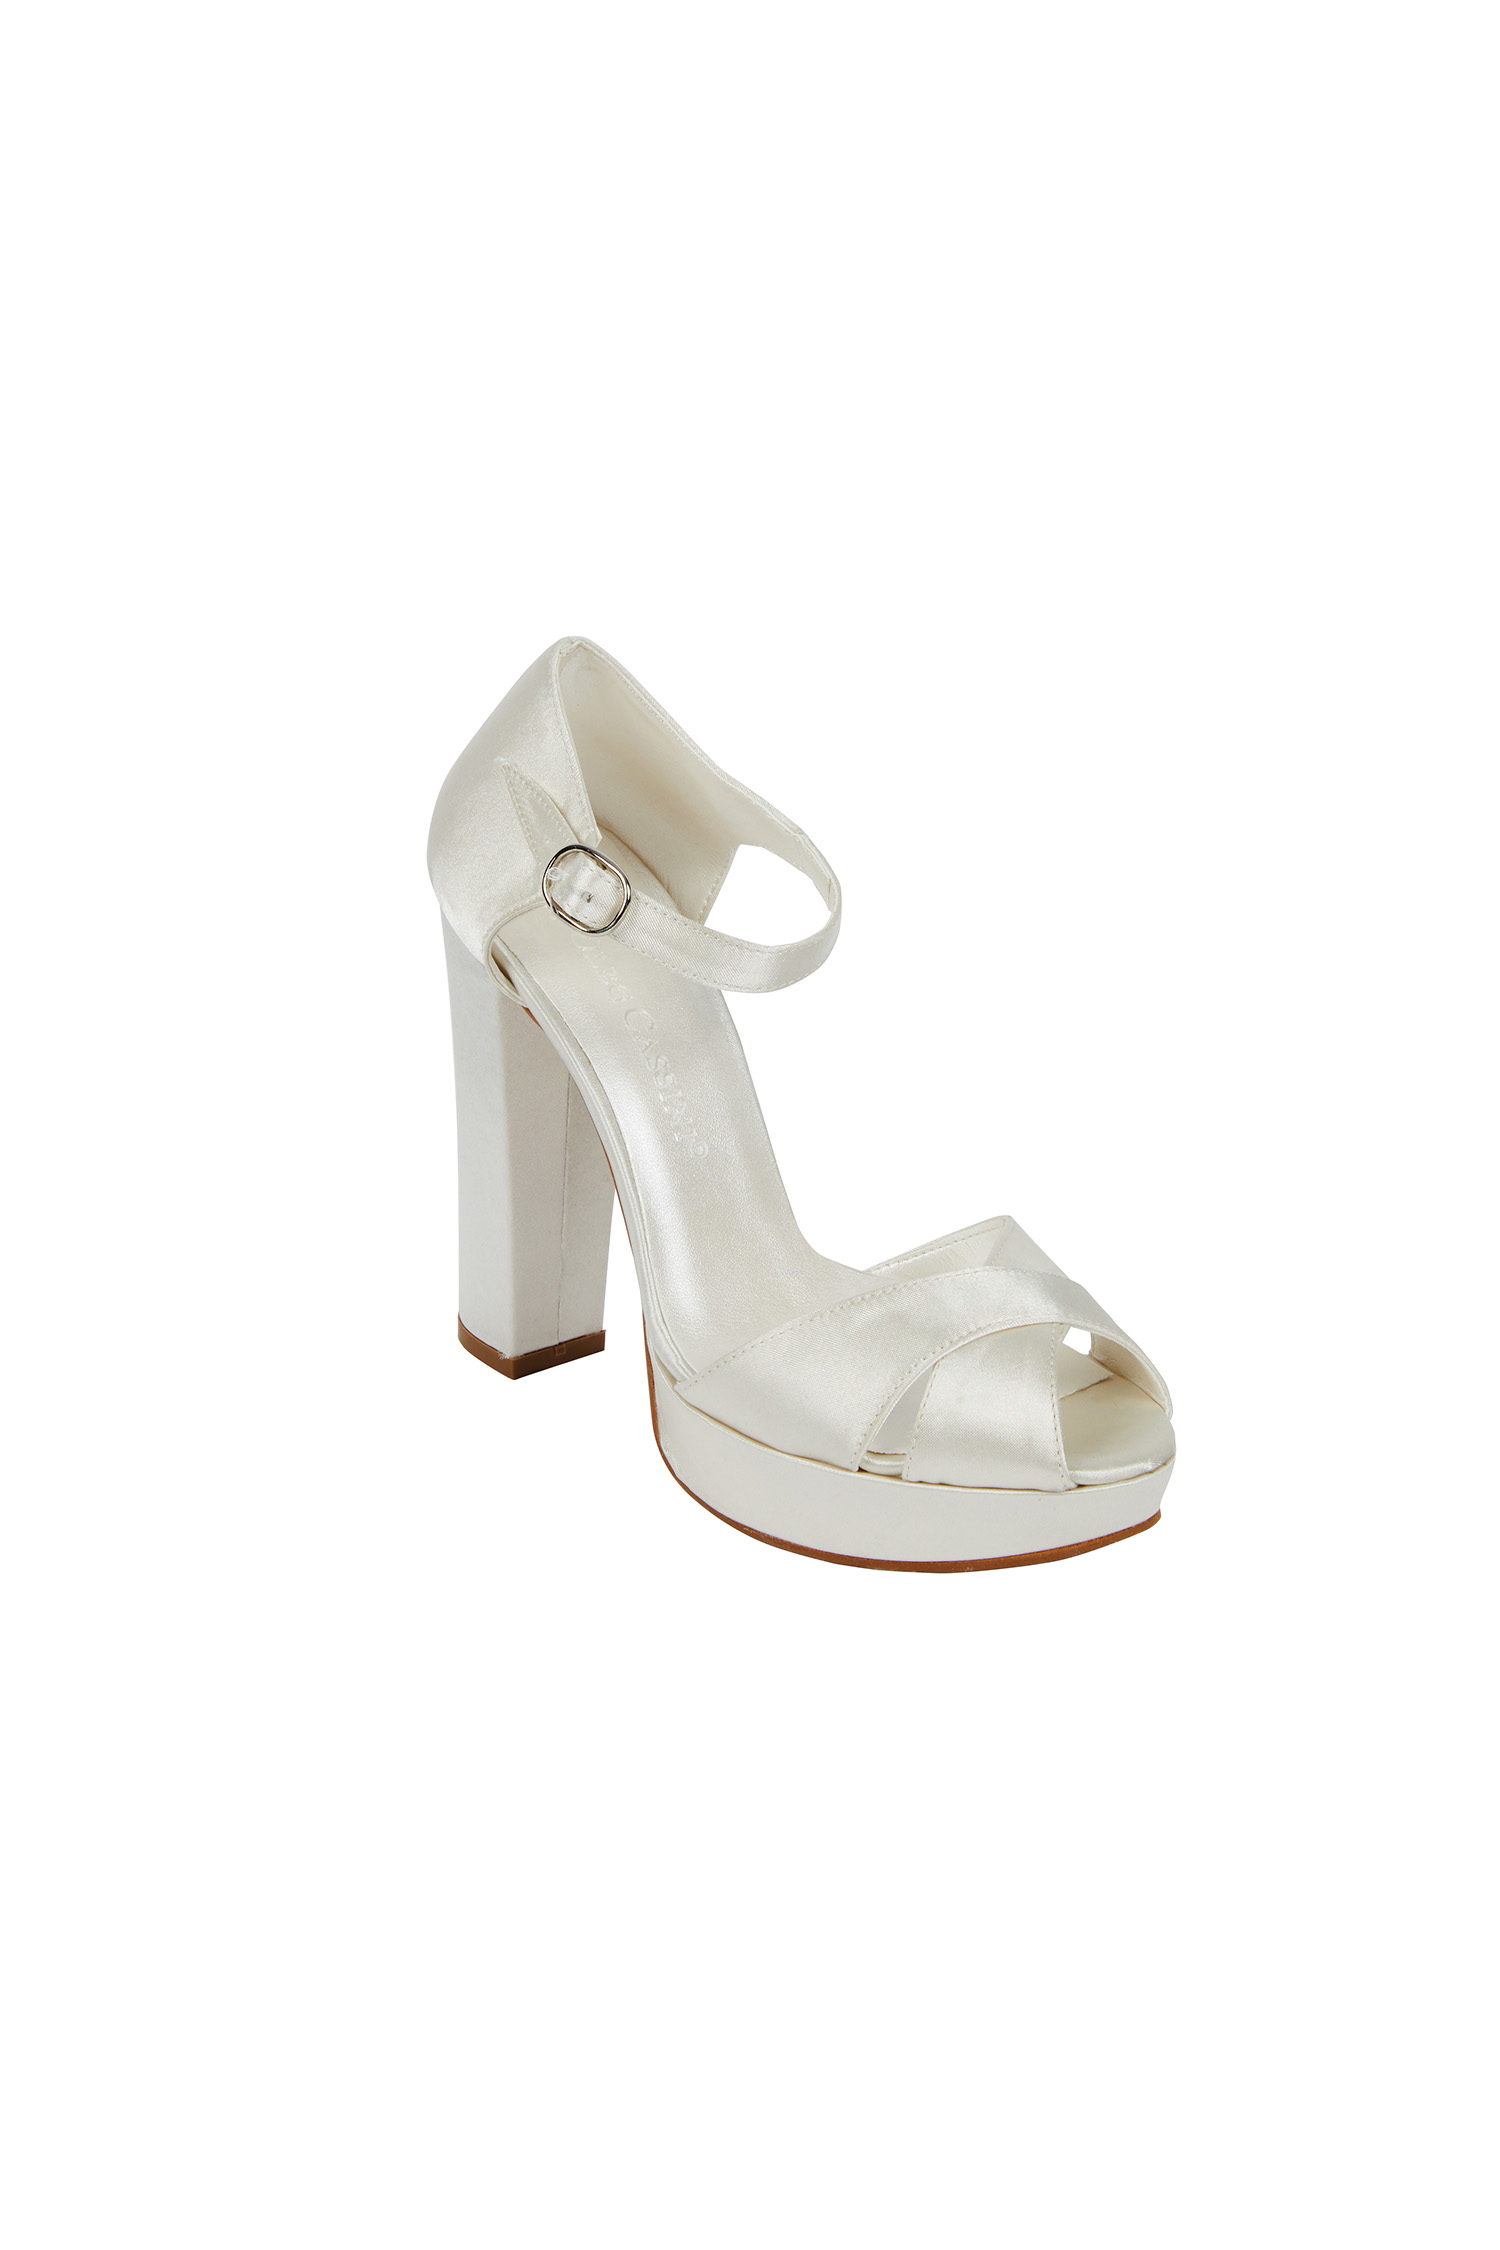 Yüksek Topuklu Kırık Beyaz Gelin Ayakkabısı